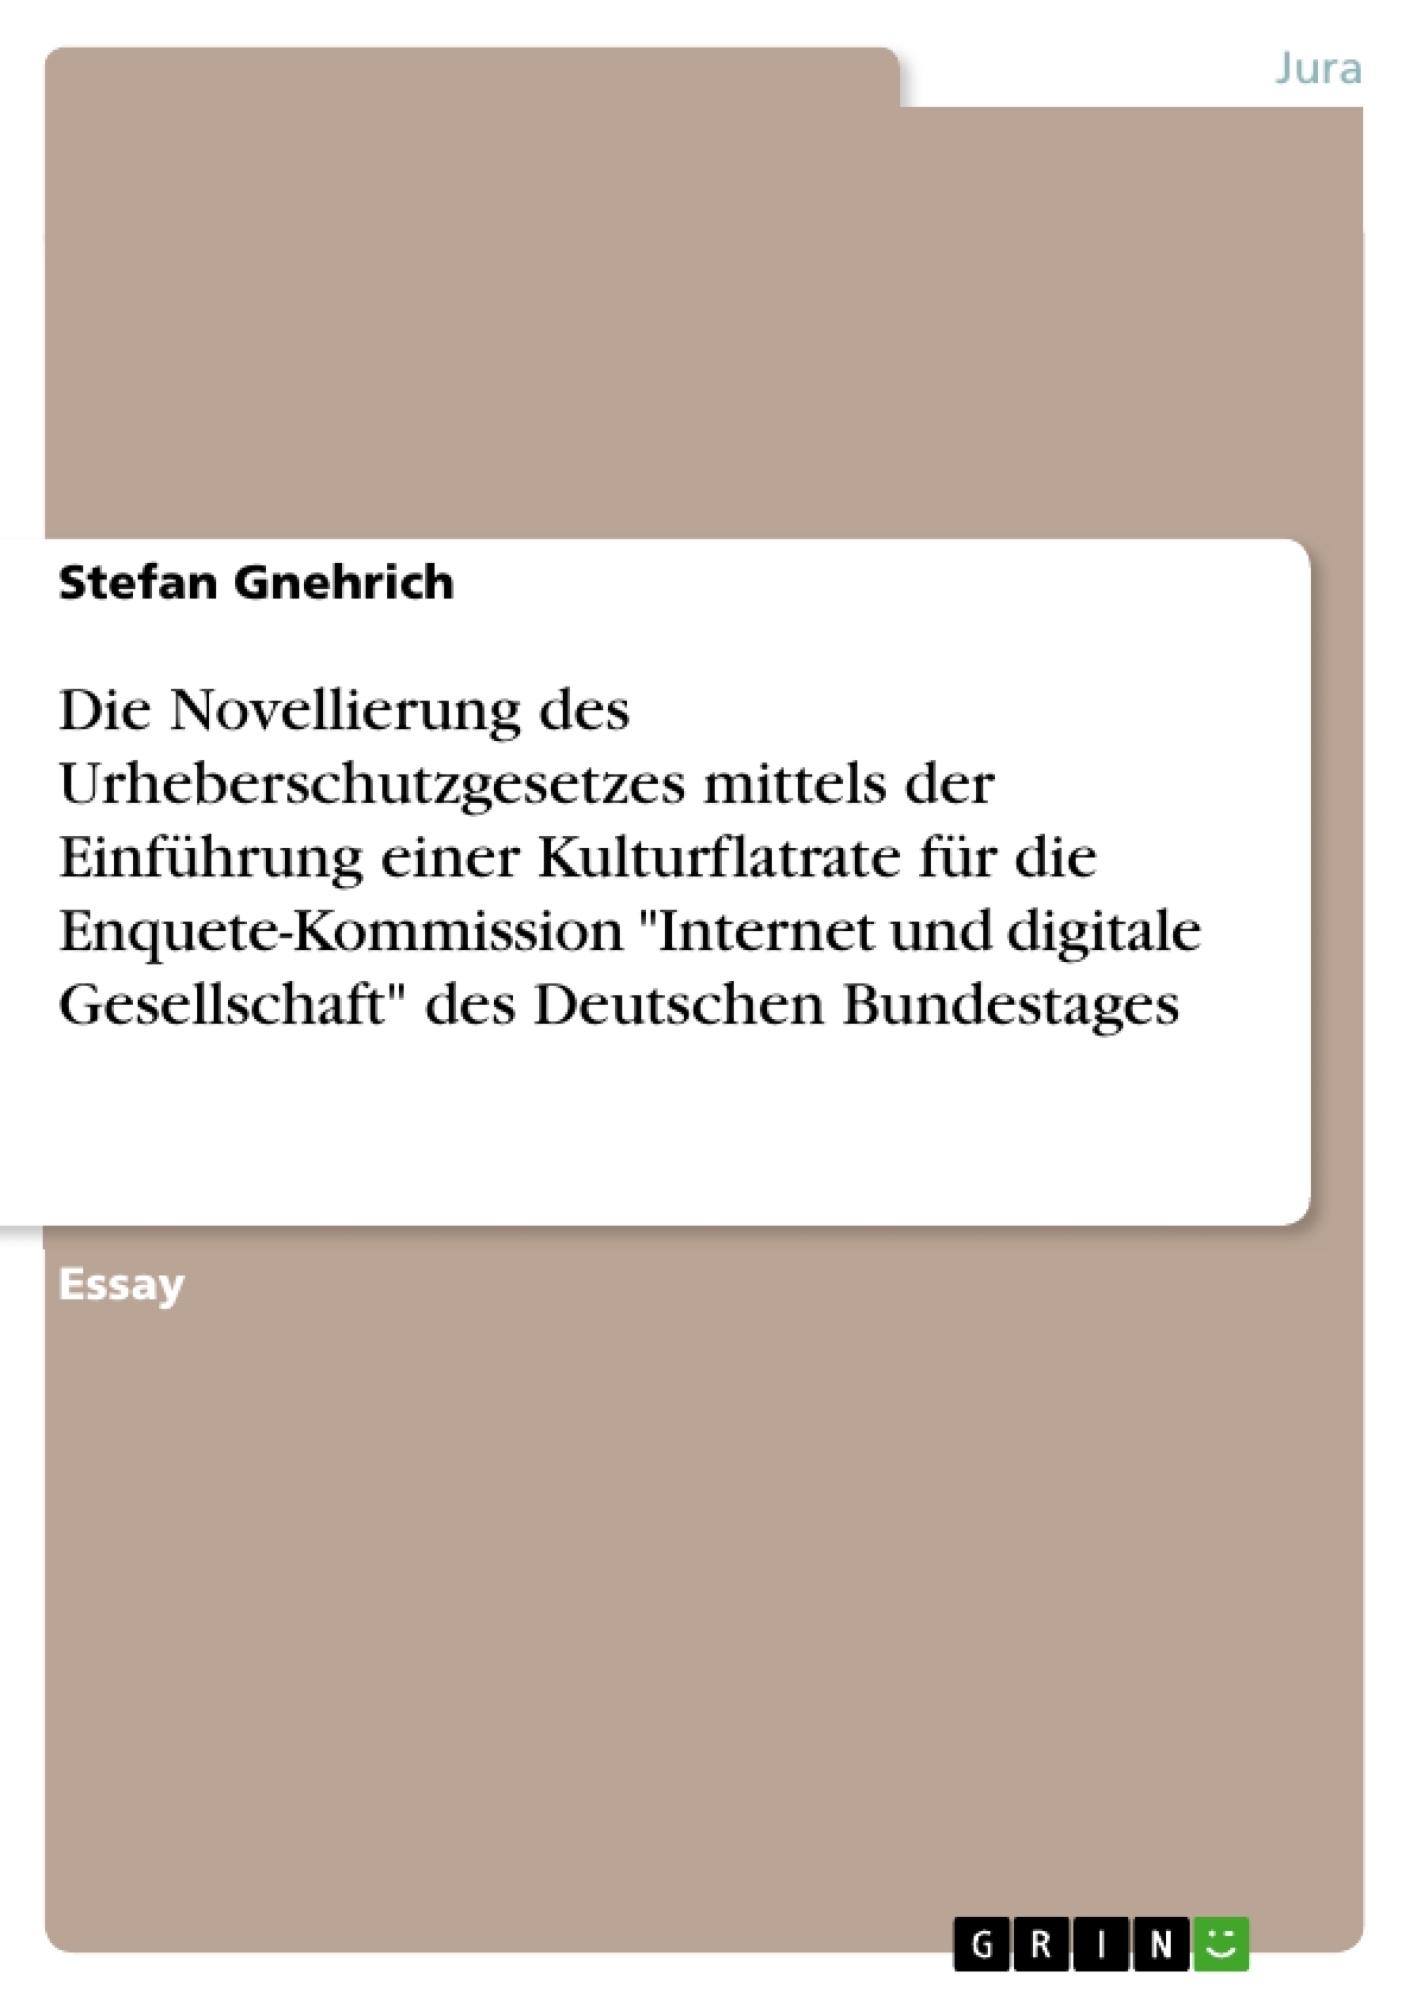 """Titel: Die Novellierung des Urheberschutzgesetzes mittels der Einführung einer Kulturflatrate für die Enquete-Kommission """"Internet und digitale Gesellschaft"""" des Deutschen Bundestages"""